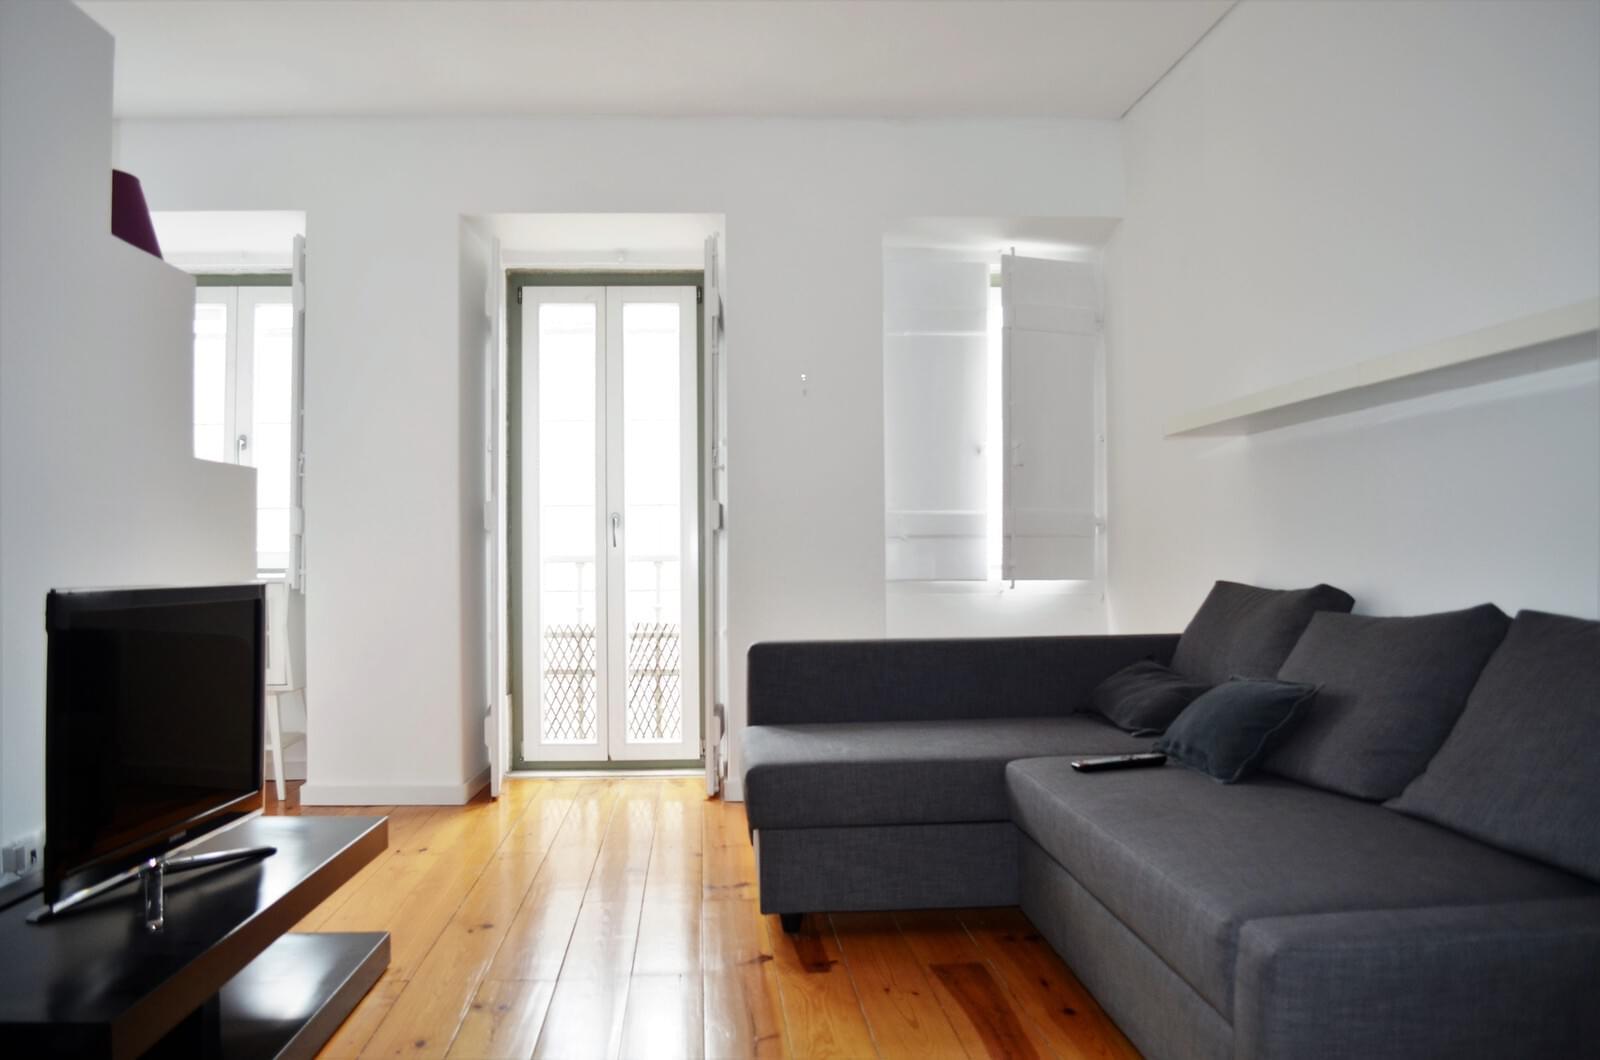 pf17785-apartamento-t1-lisboa-c6997363-80a6-41e1-8f6d-f21116331ad2